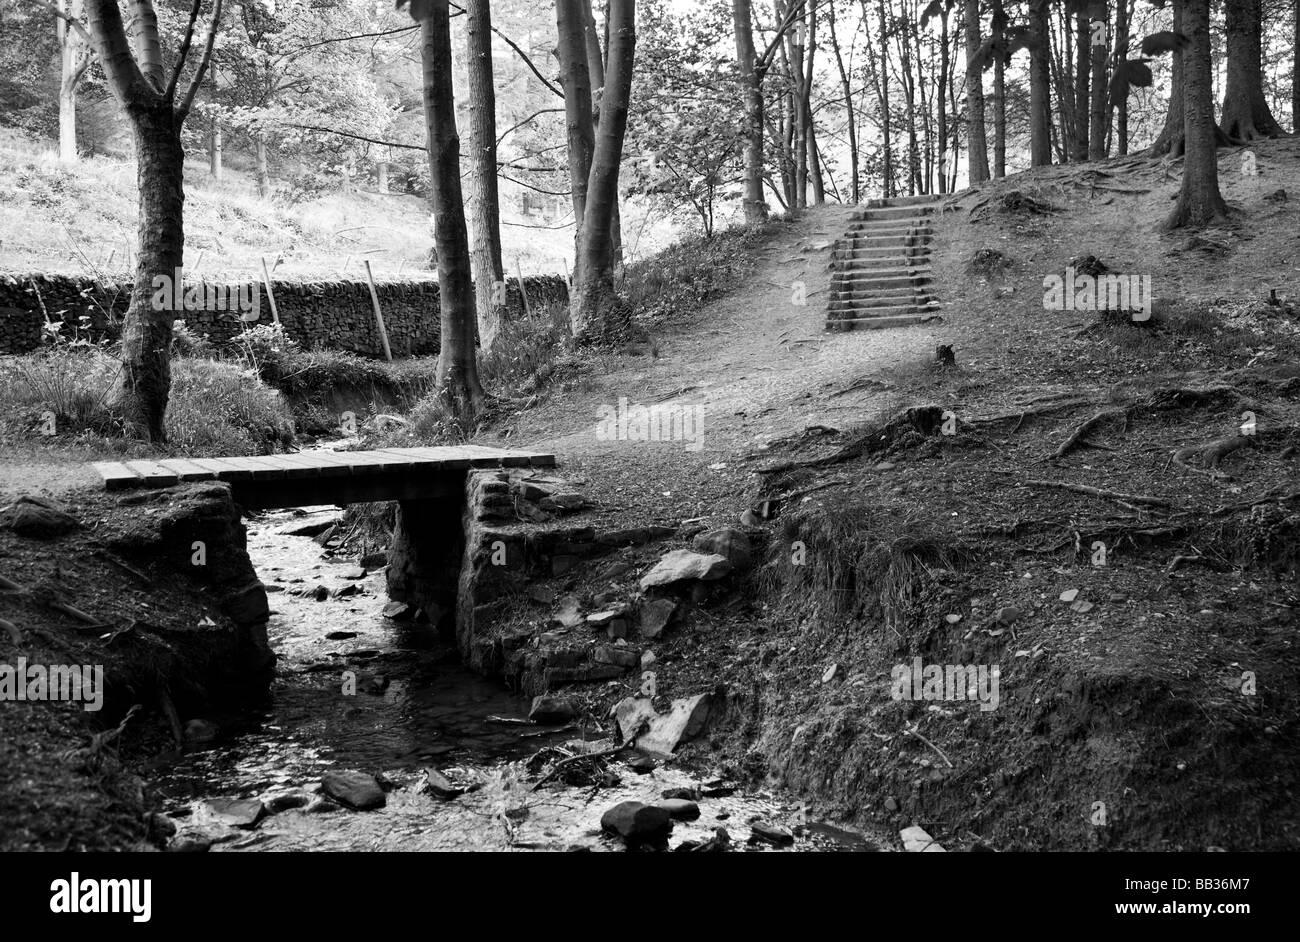 Stream and bridge - Stock Image